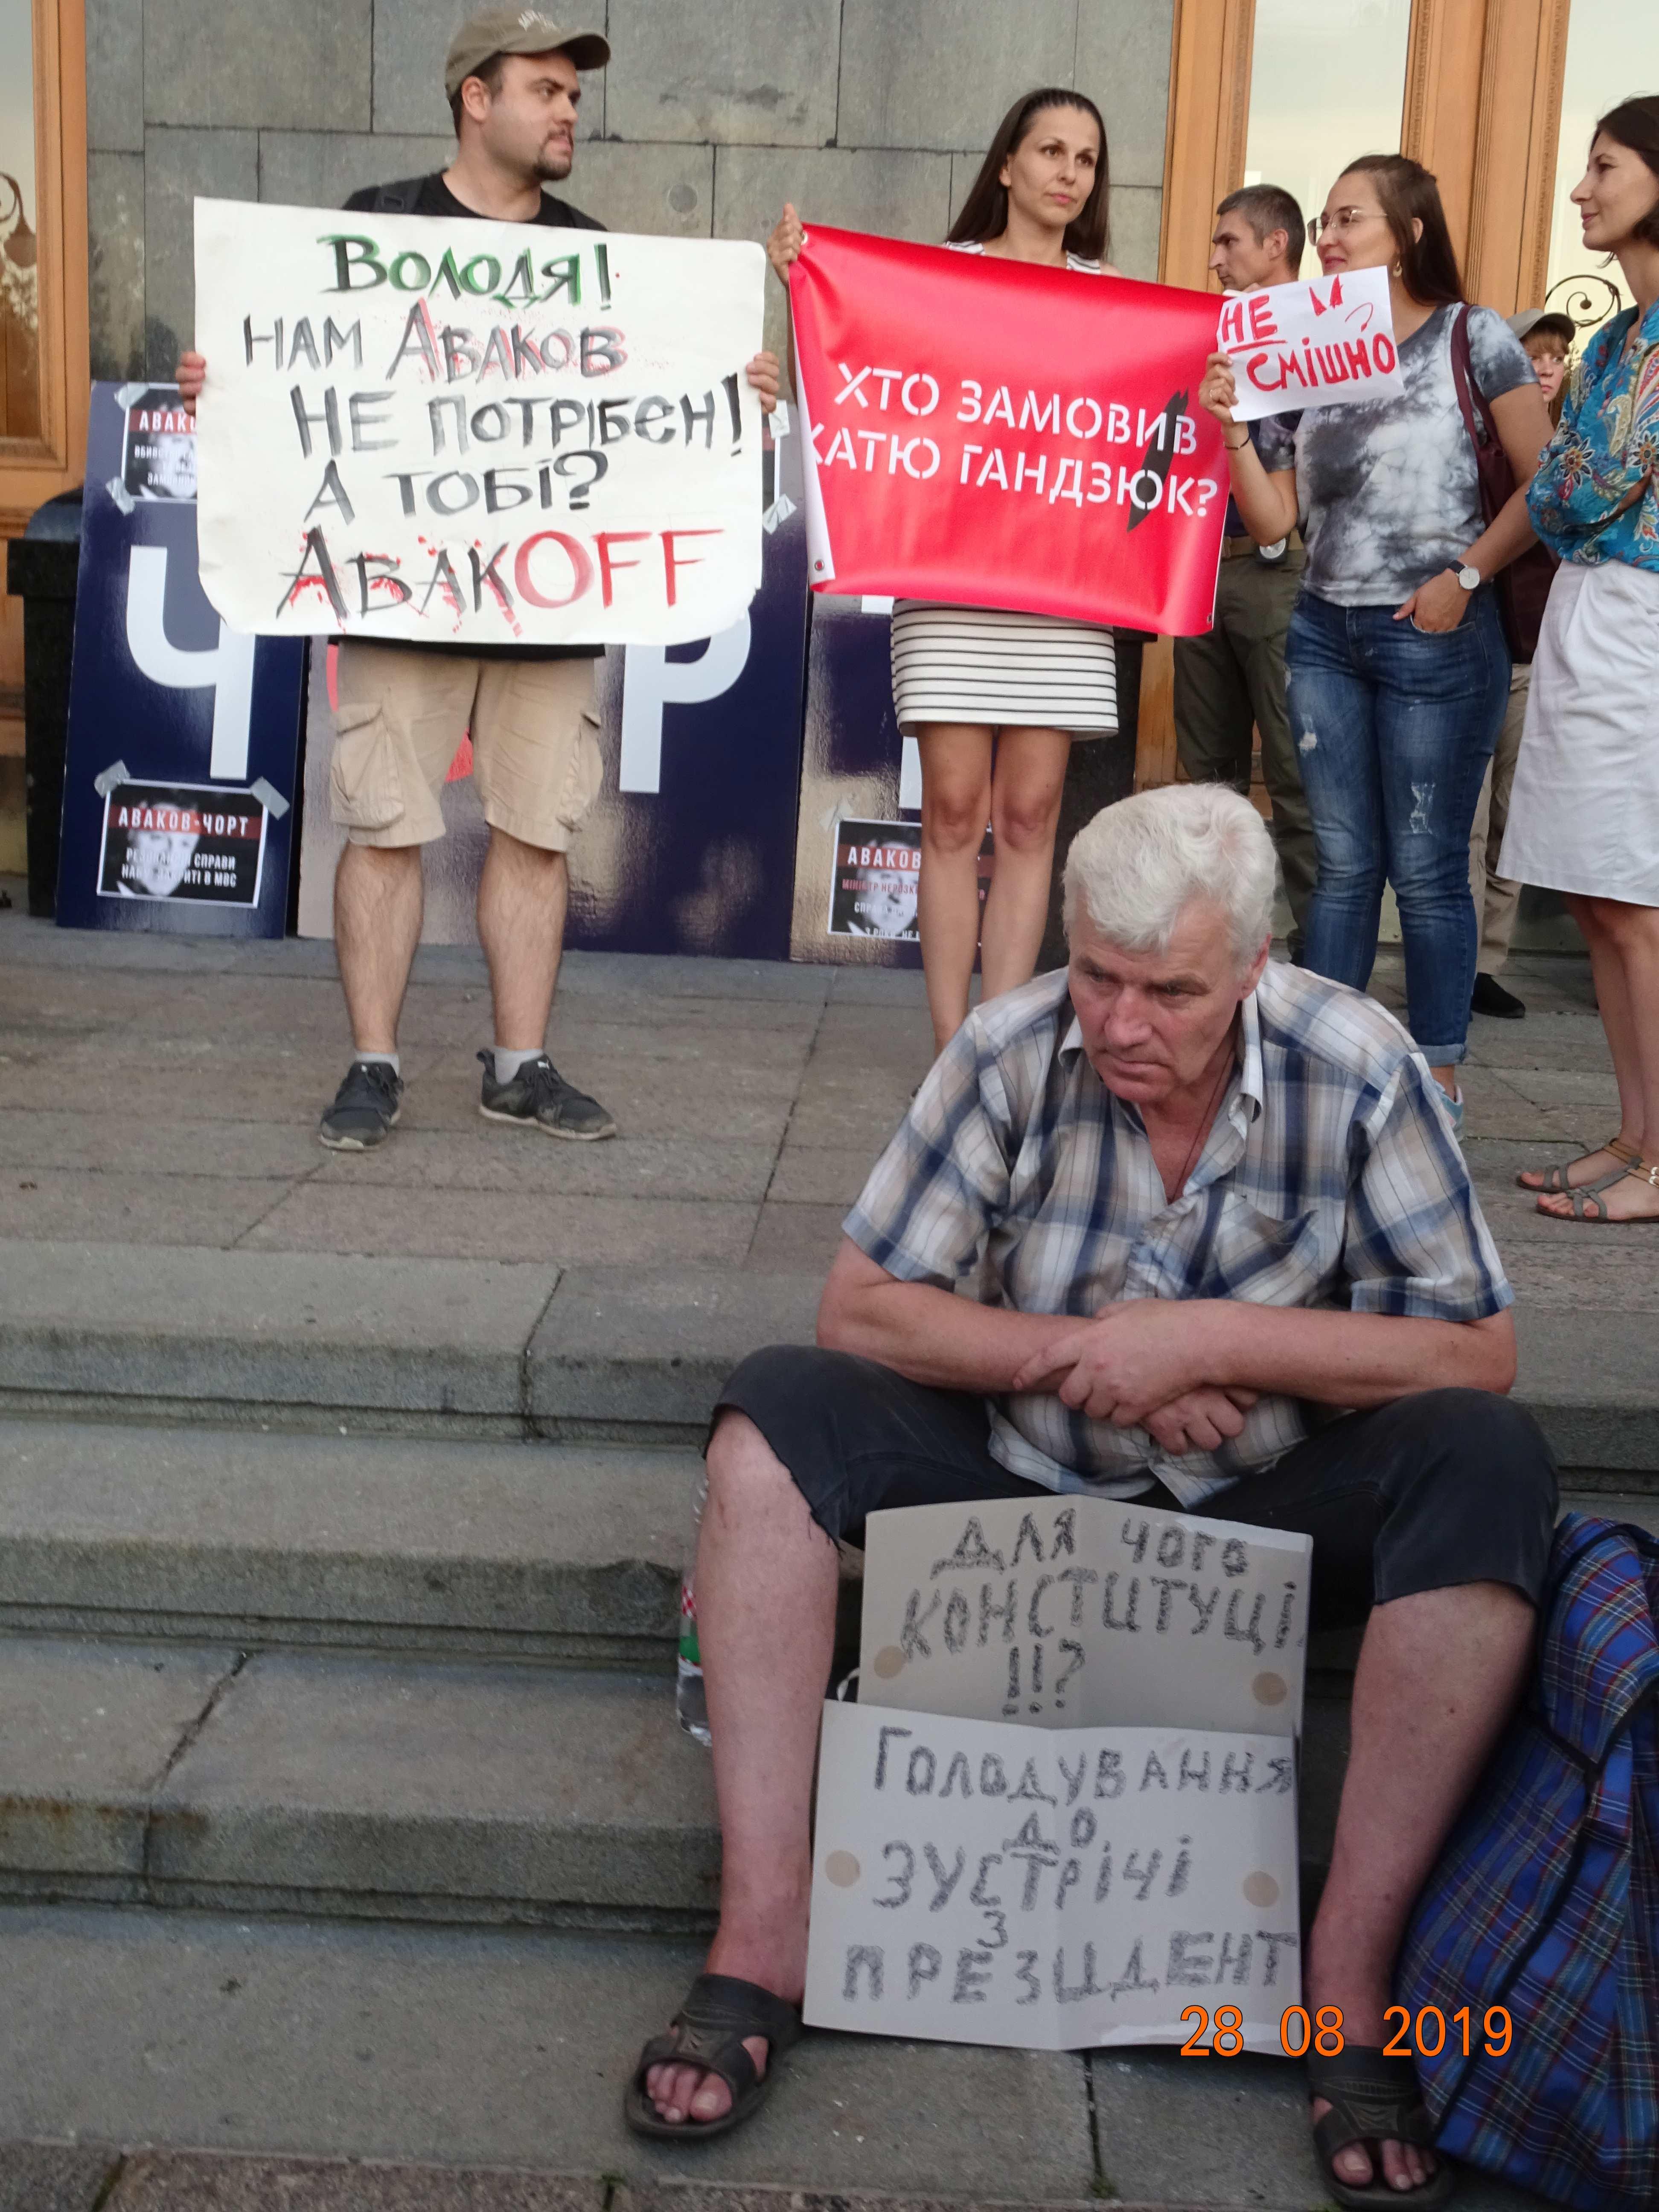 Avakov-Chort-Devil - Avakov-Chort-Devil-image017.jpg